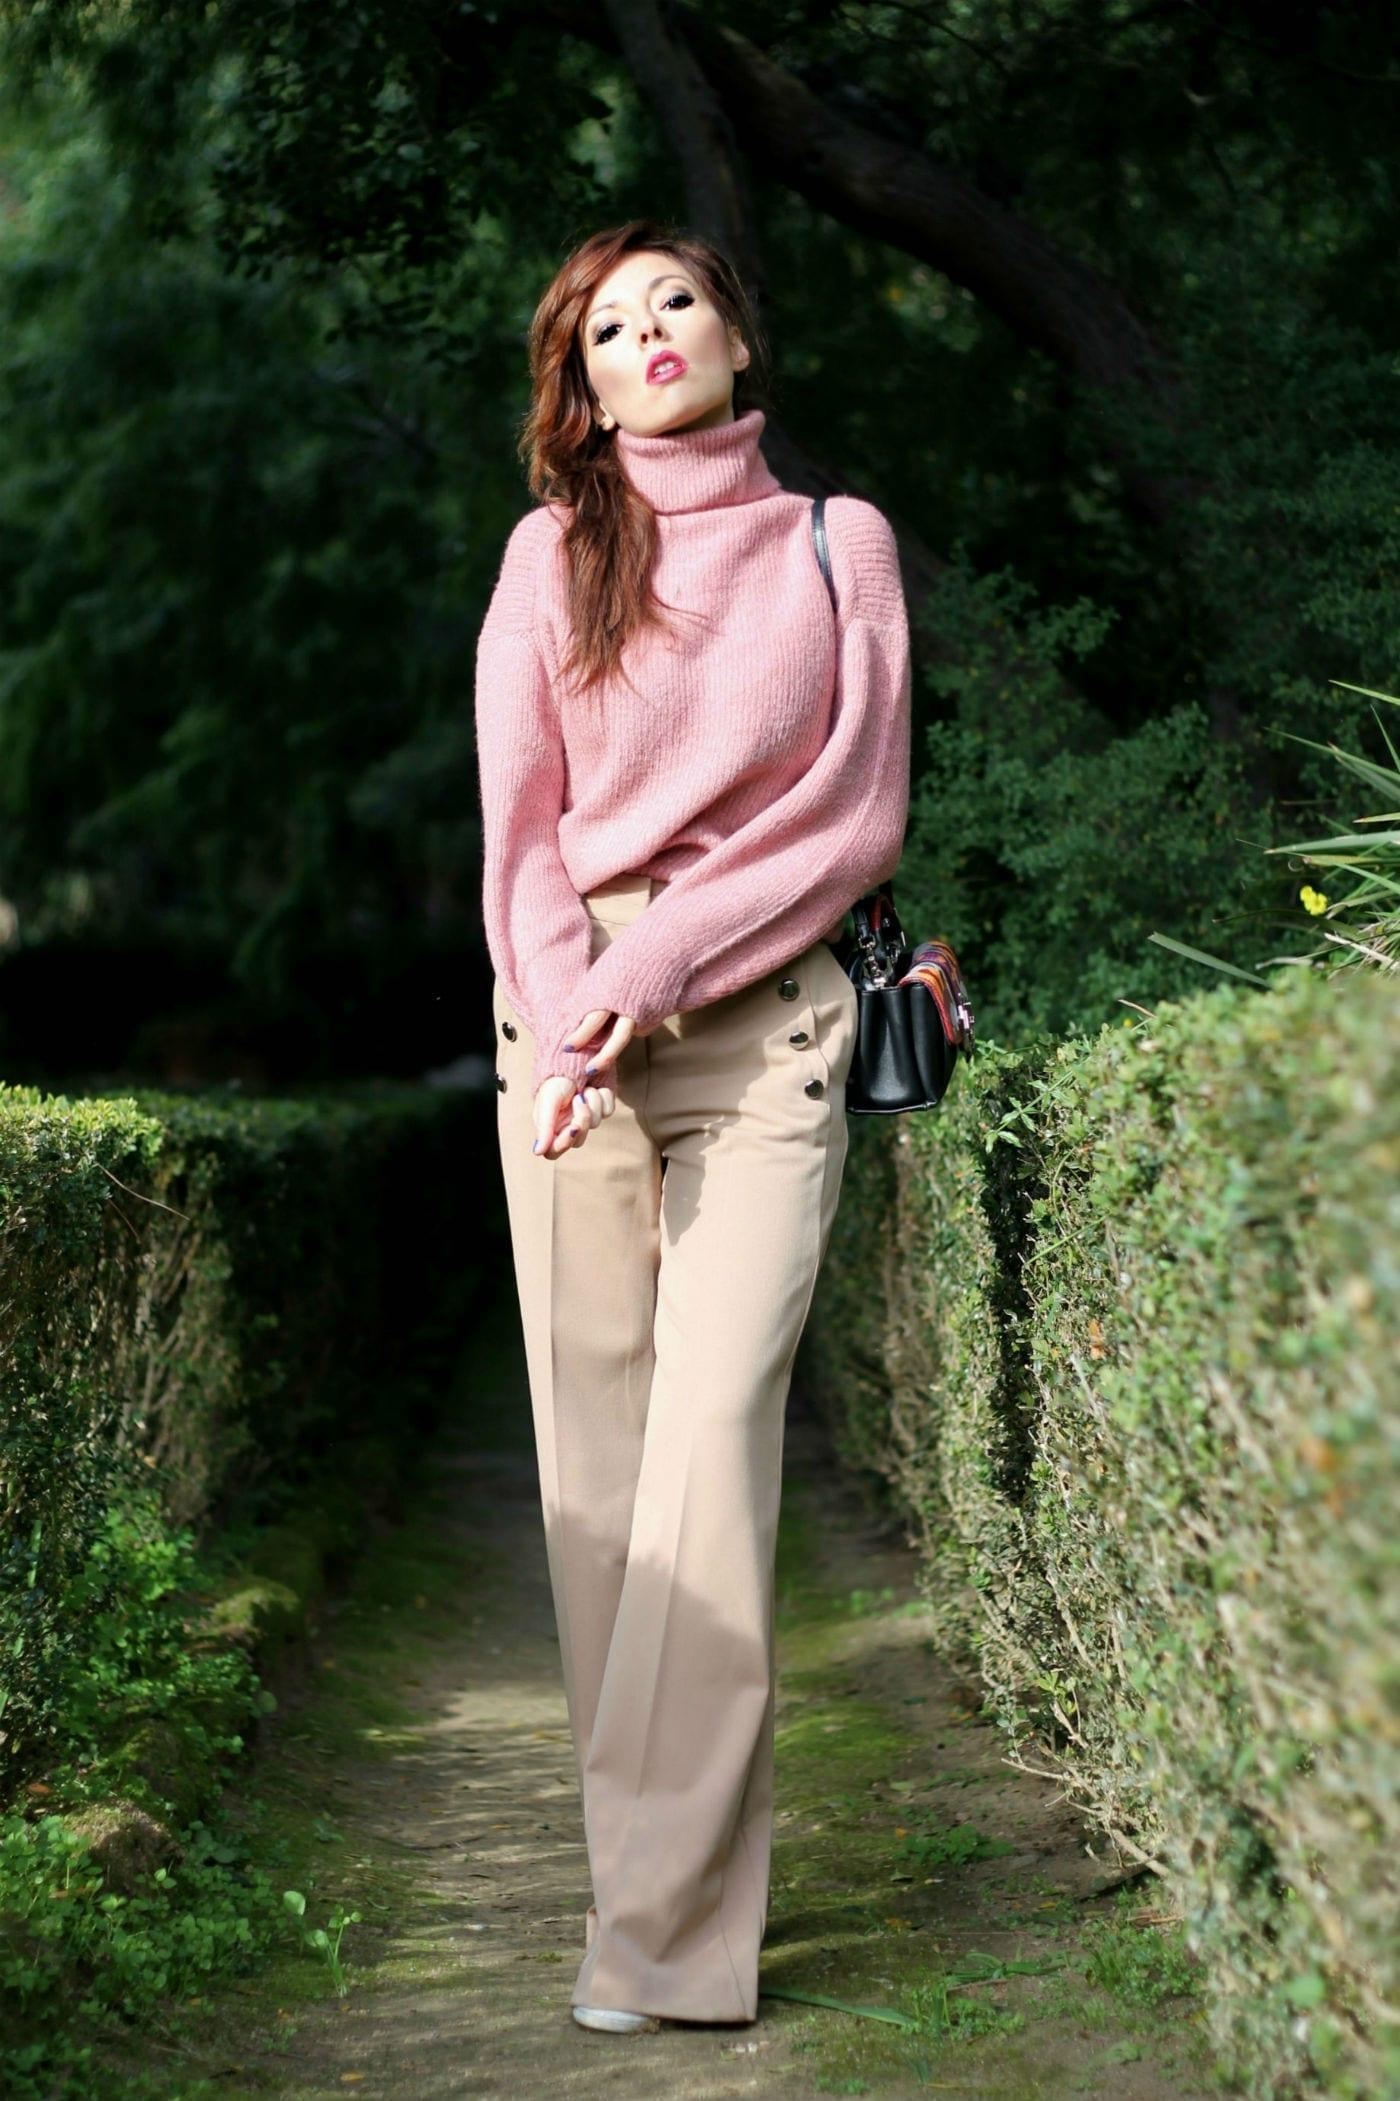 theladycracy.it, elisa bellino, c'è bisogno d'innamorarsi, flaneur, fashion blogger italiane famose, outfit invernali caldi blogger, pantaloni a palazzo come indossarli